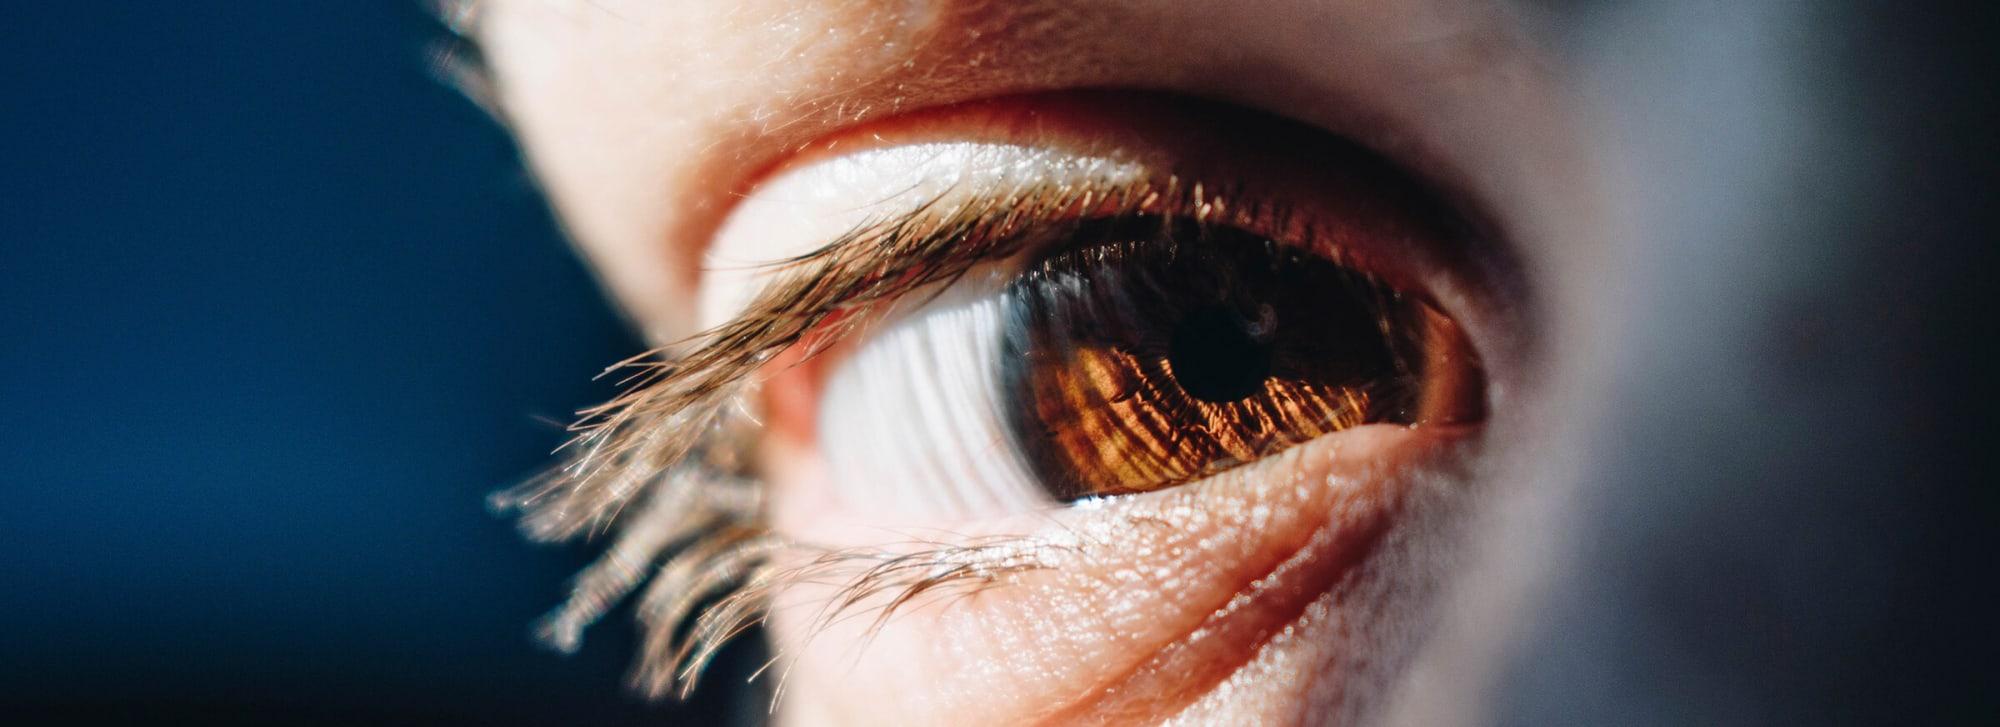 Tørre øyne når du bruker kontaktlinser?